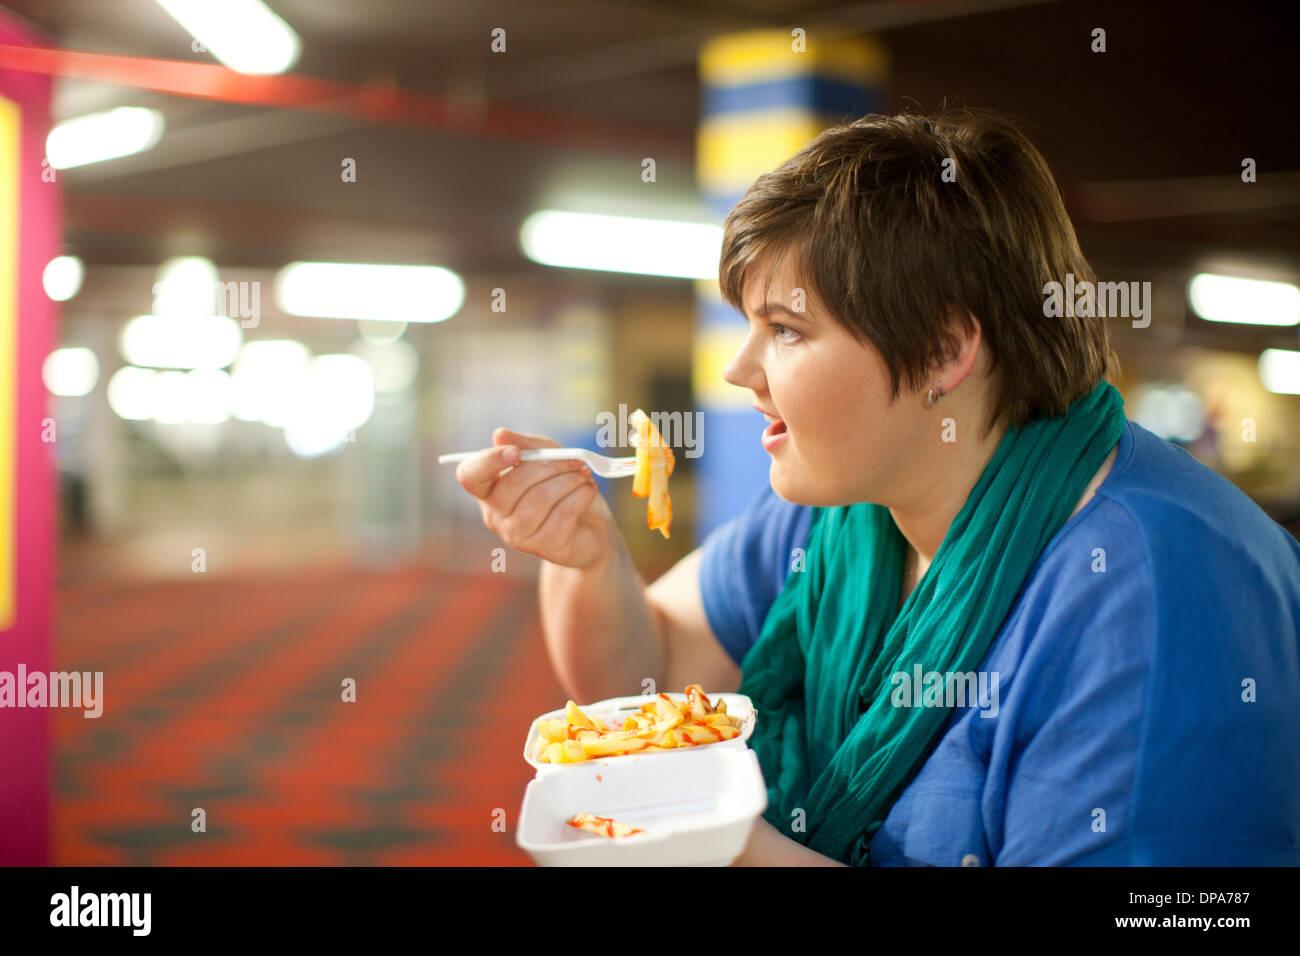 Junge Frau Essen zum Mitnehmen frites Stockbild